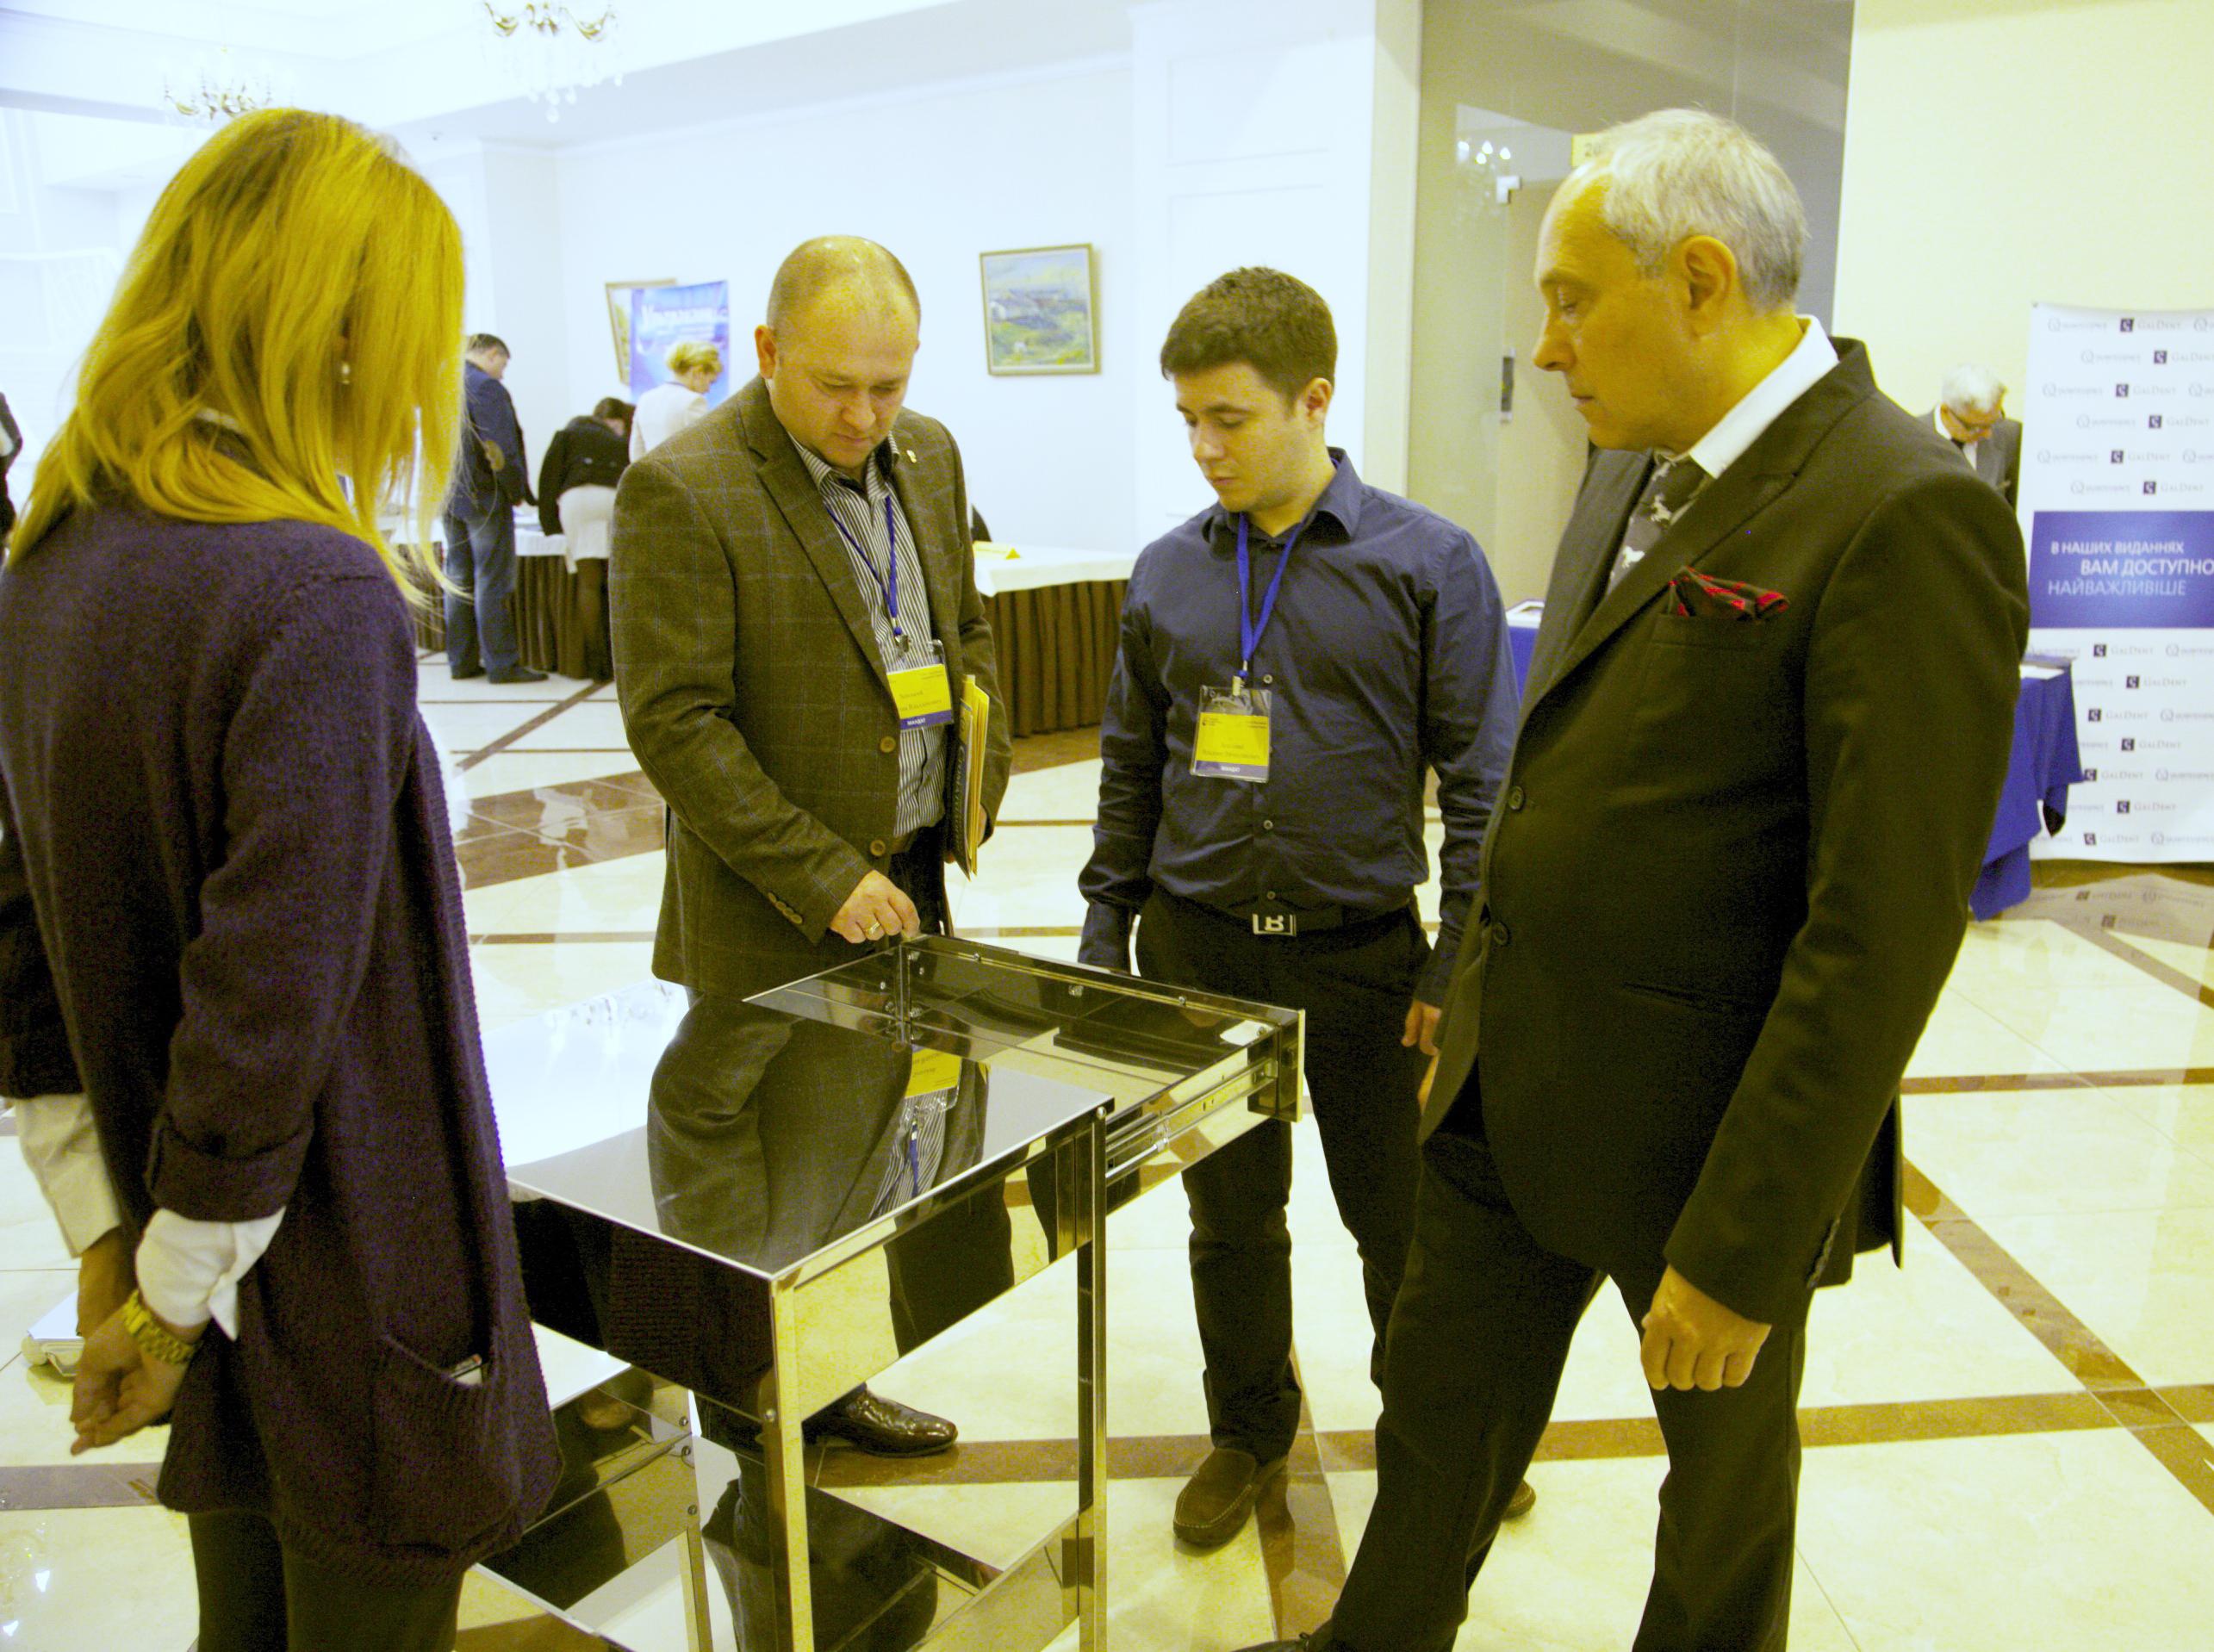 Выставка национального производителя стоматпродукции при VI (XIII) съезде Ассоциации стоматологов Украины